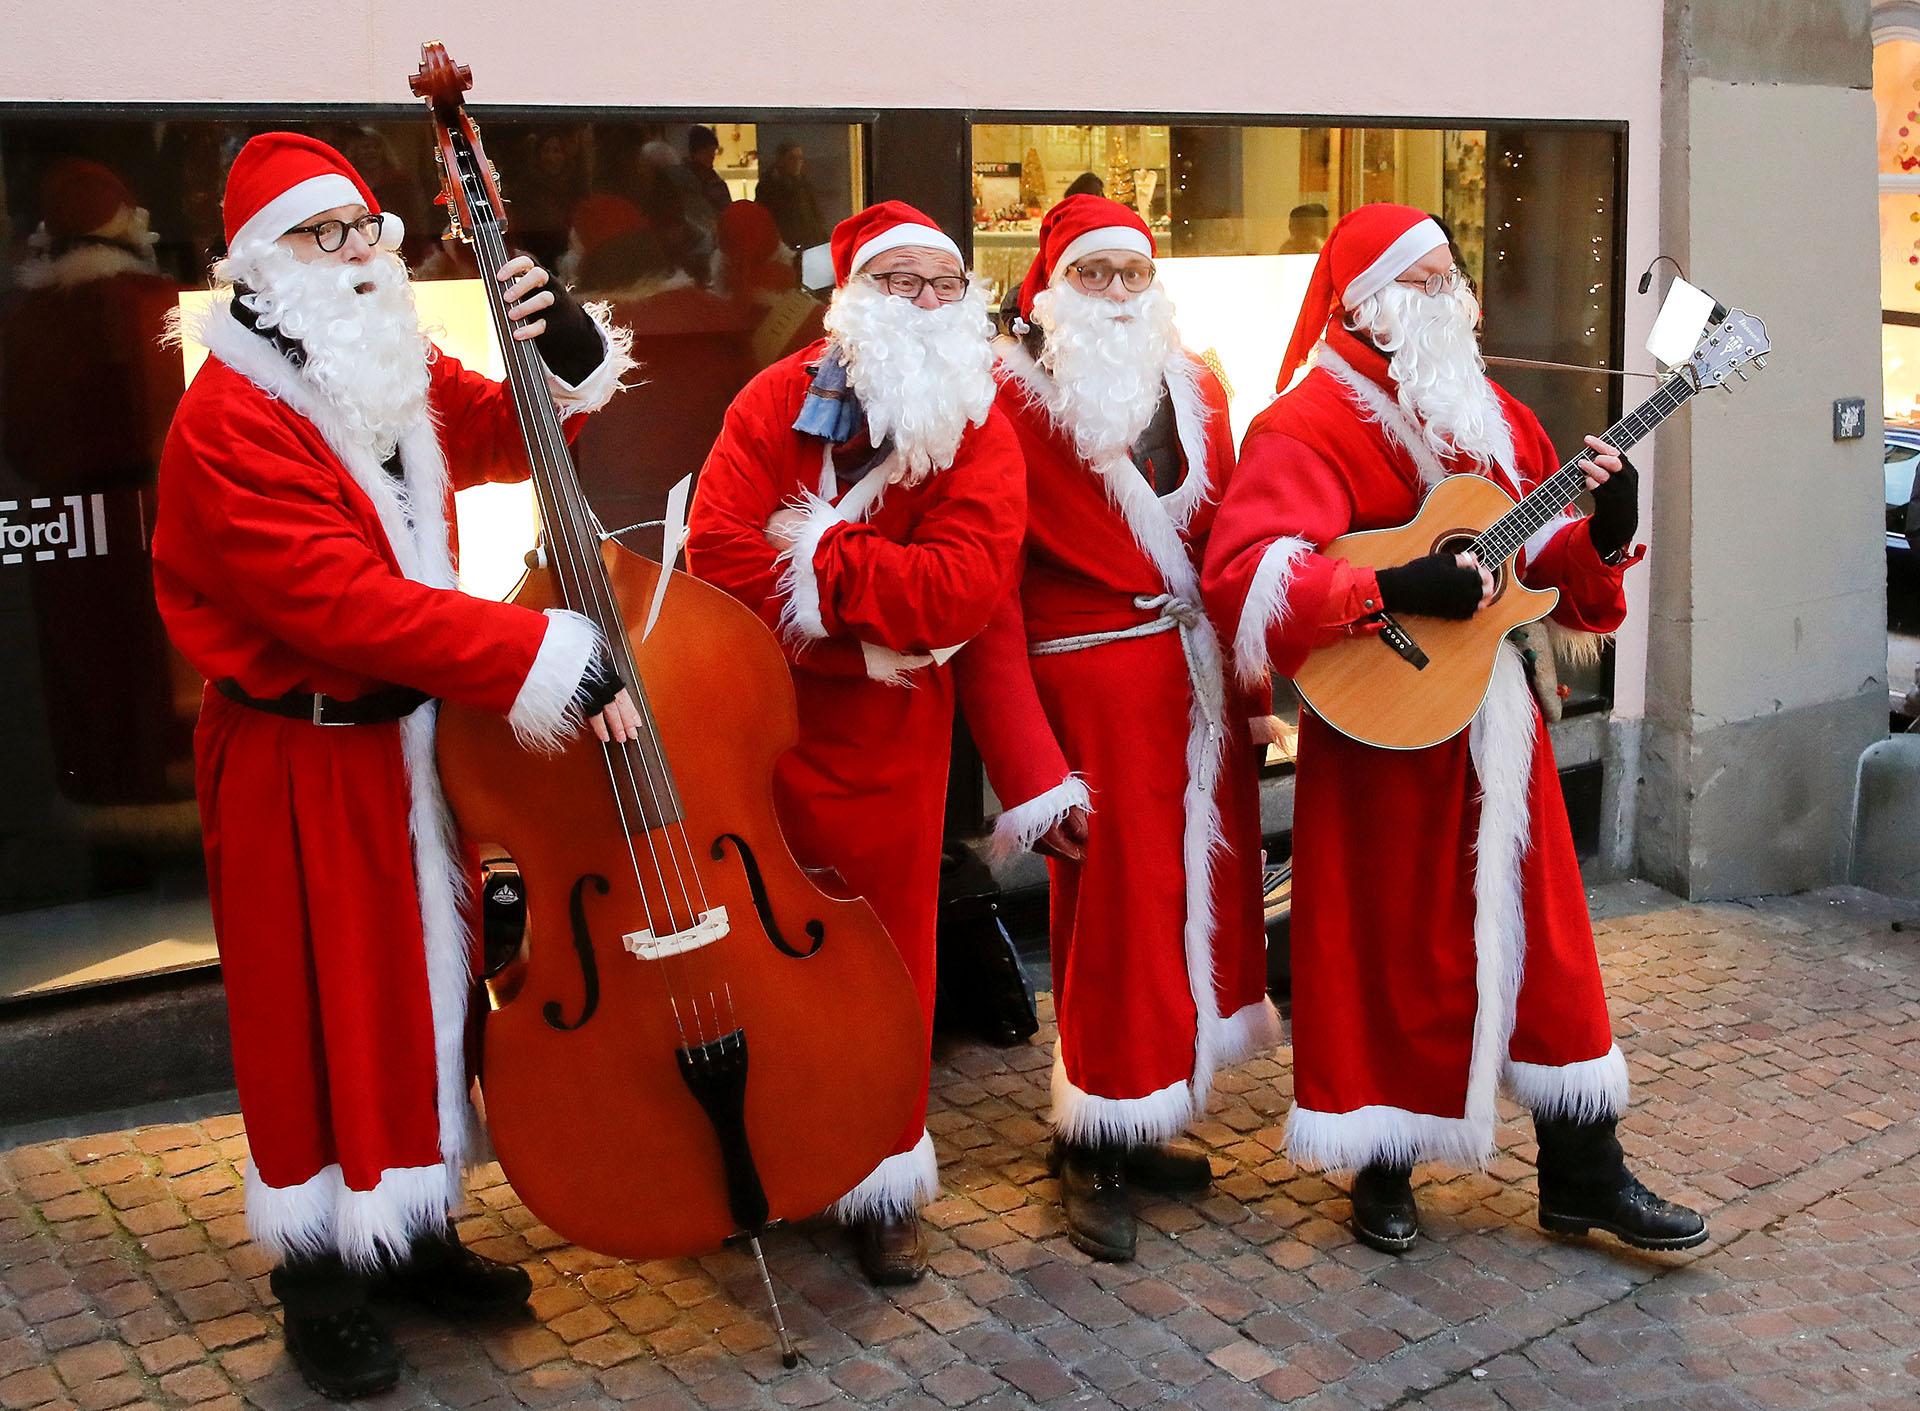 Los miembros del cuarteto vocal de jazz navideño Singing Santas actúan en la ciudad vieja de Zúrich, Suiza, el 17 de diciembre de 2017. (Reuters)